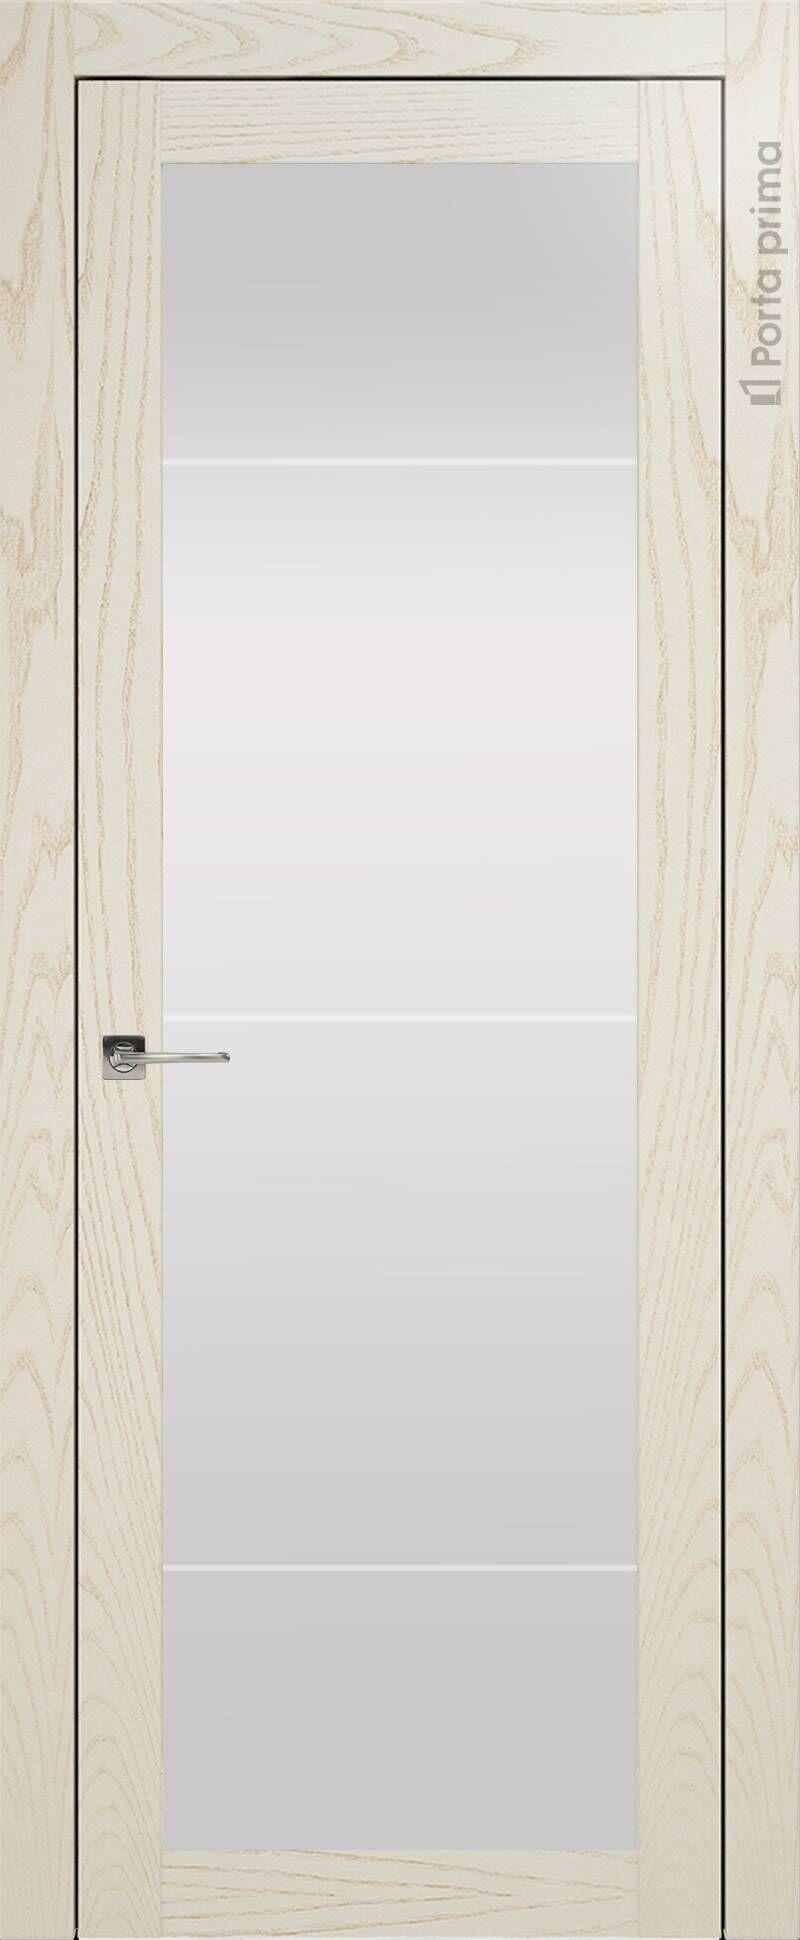 Tivoli З-3 цвет - Бежевый ясень Со стеклом (ДО)